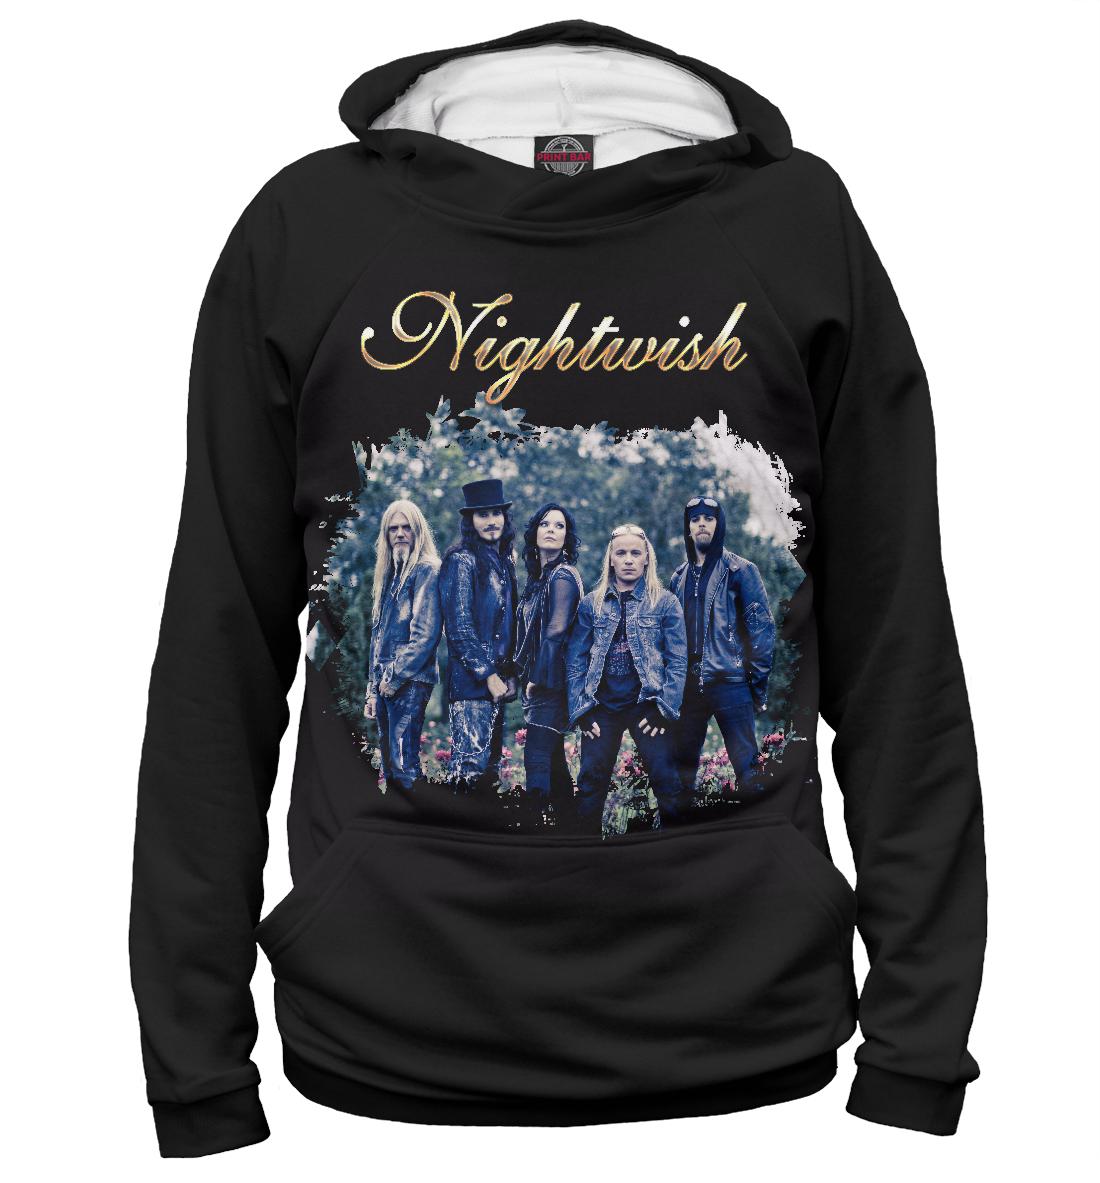 Nightwish nightwish